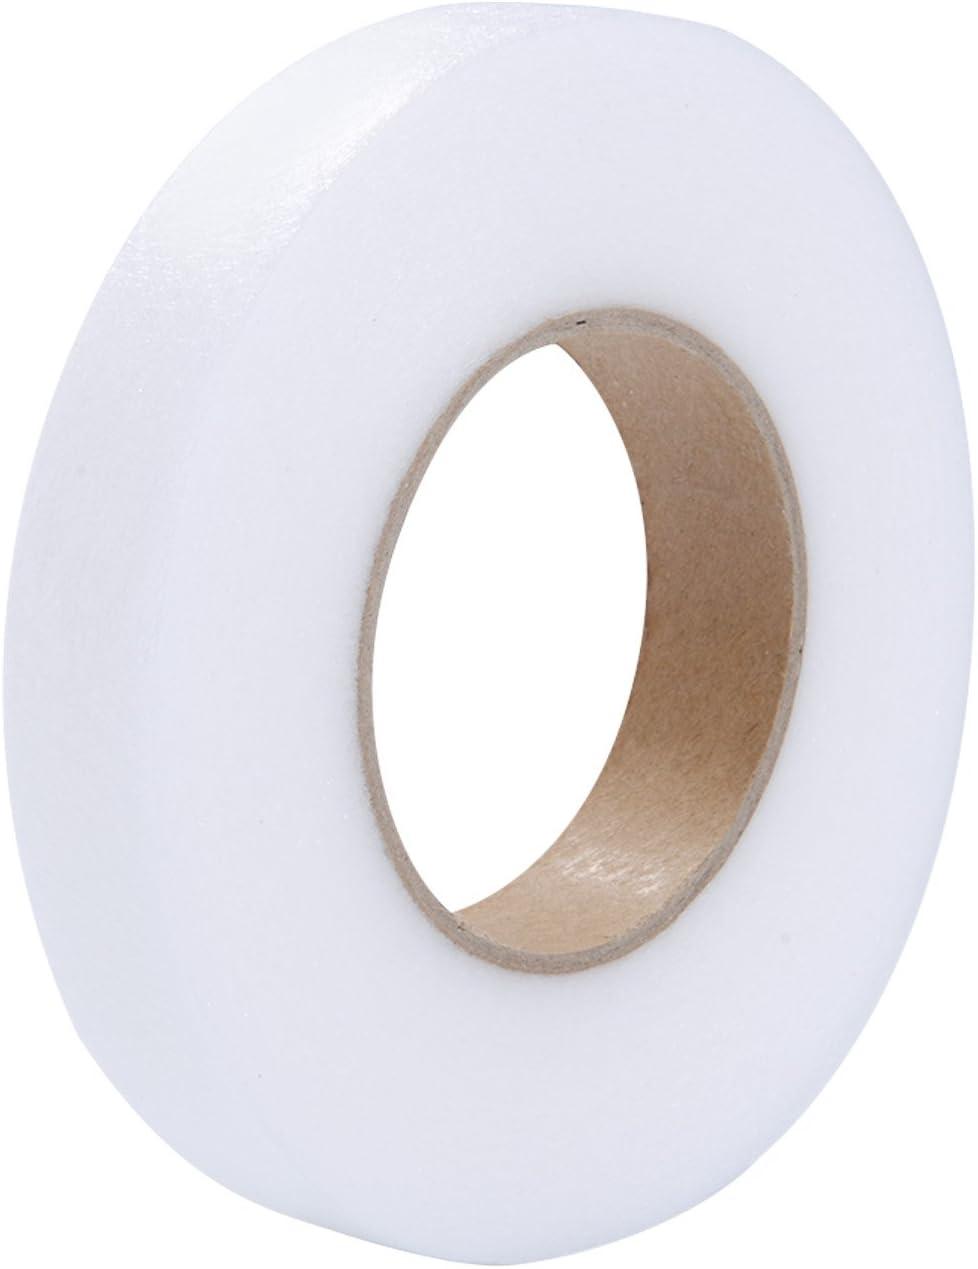 Outus 70 Yarde Ferro su Nastro Adesivo Tessuto Fusione Hemming Nastro Non Cucire Nastro Adesivo Rotolo per Jeans Pantaloni Abbigliamento Indumenti Larghezza 20 mm